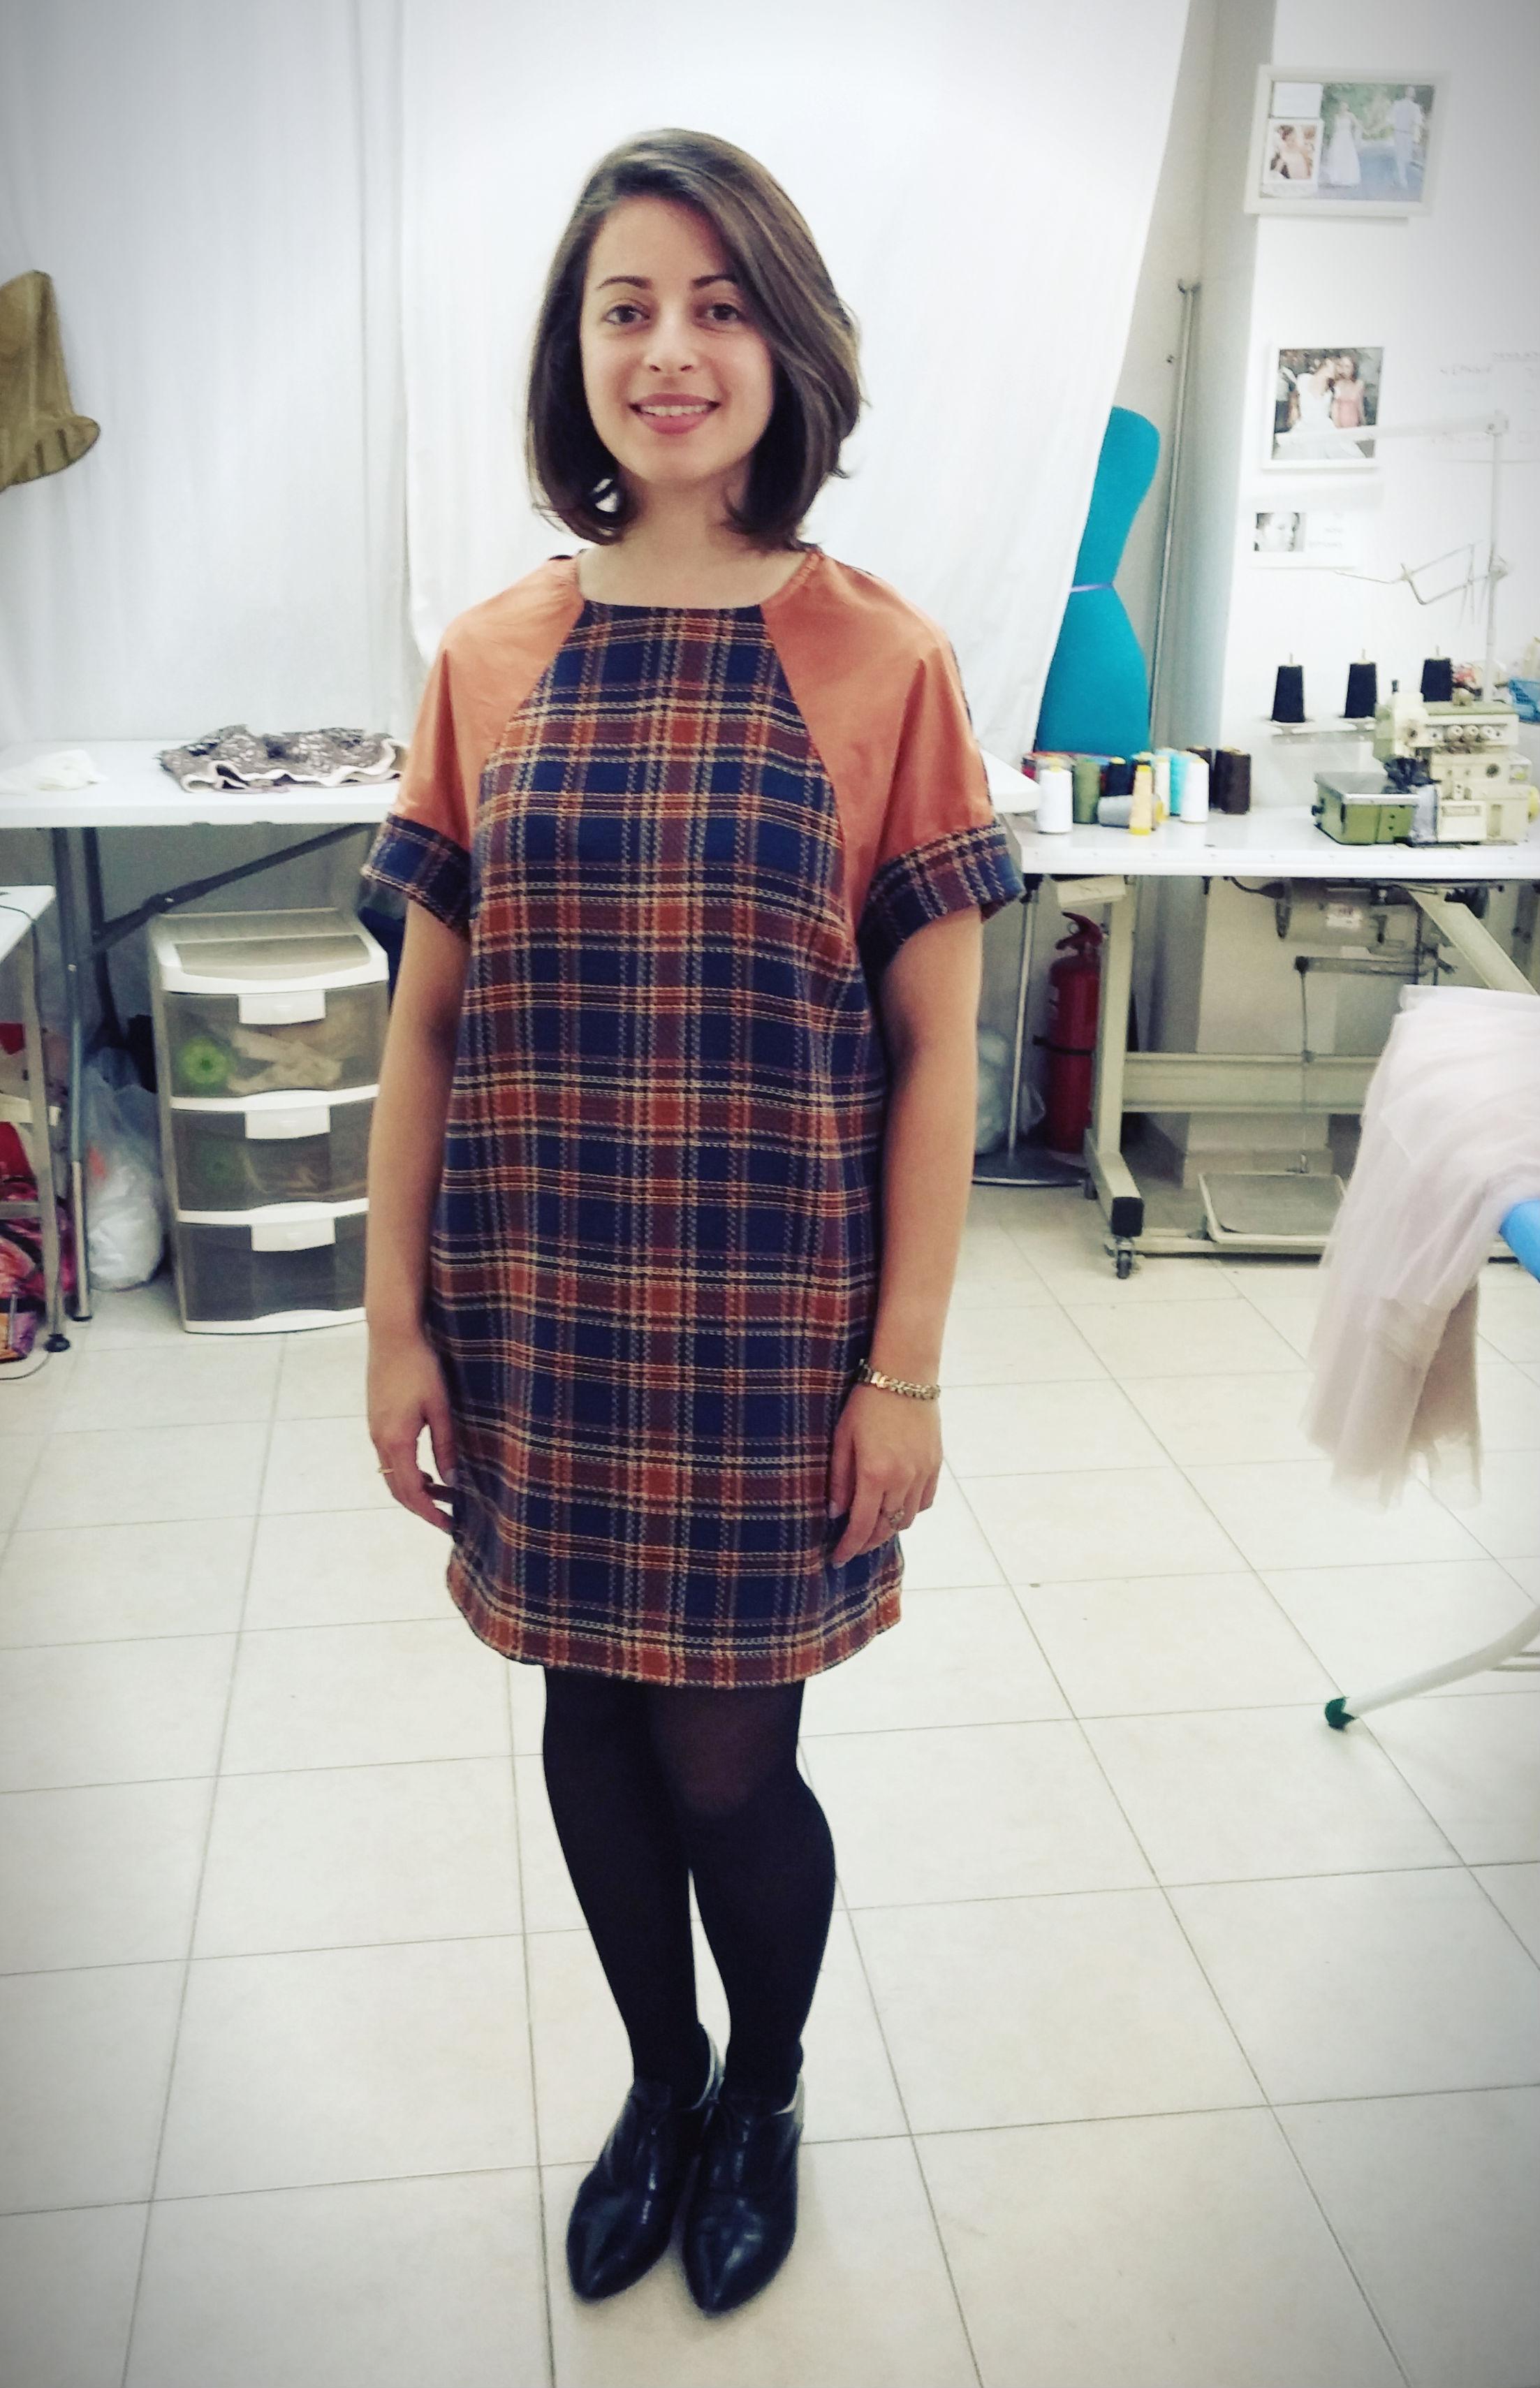 אורלי בשמלה מבורדה